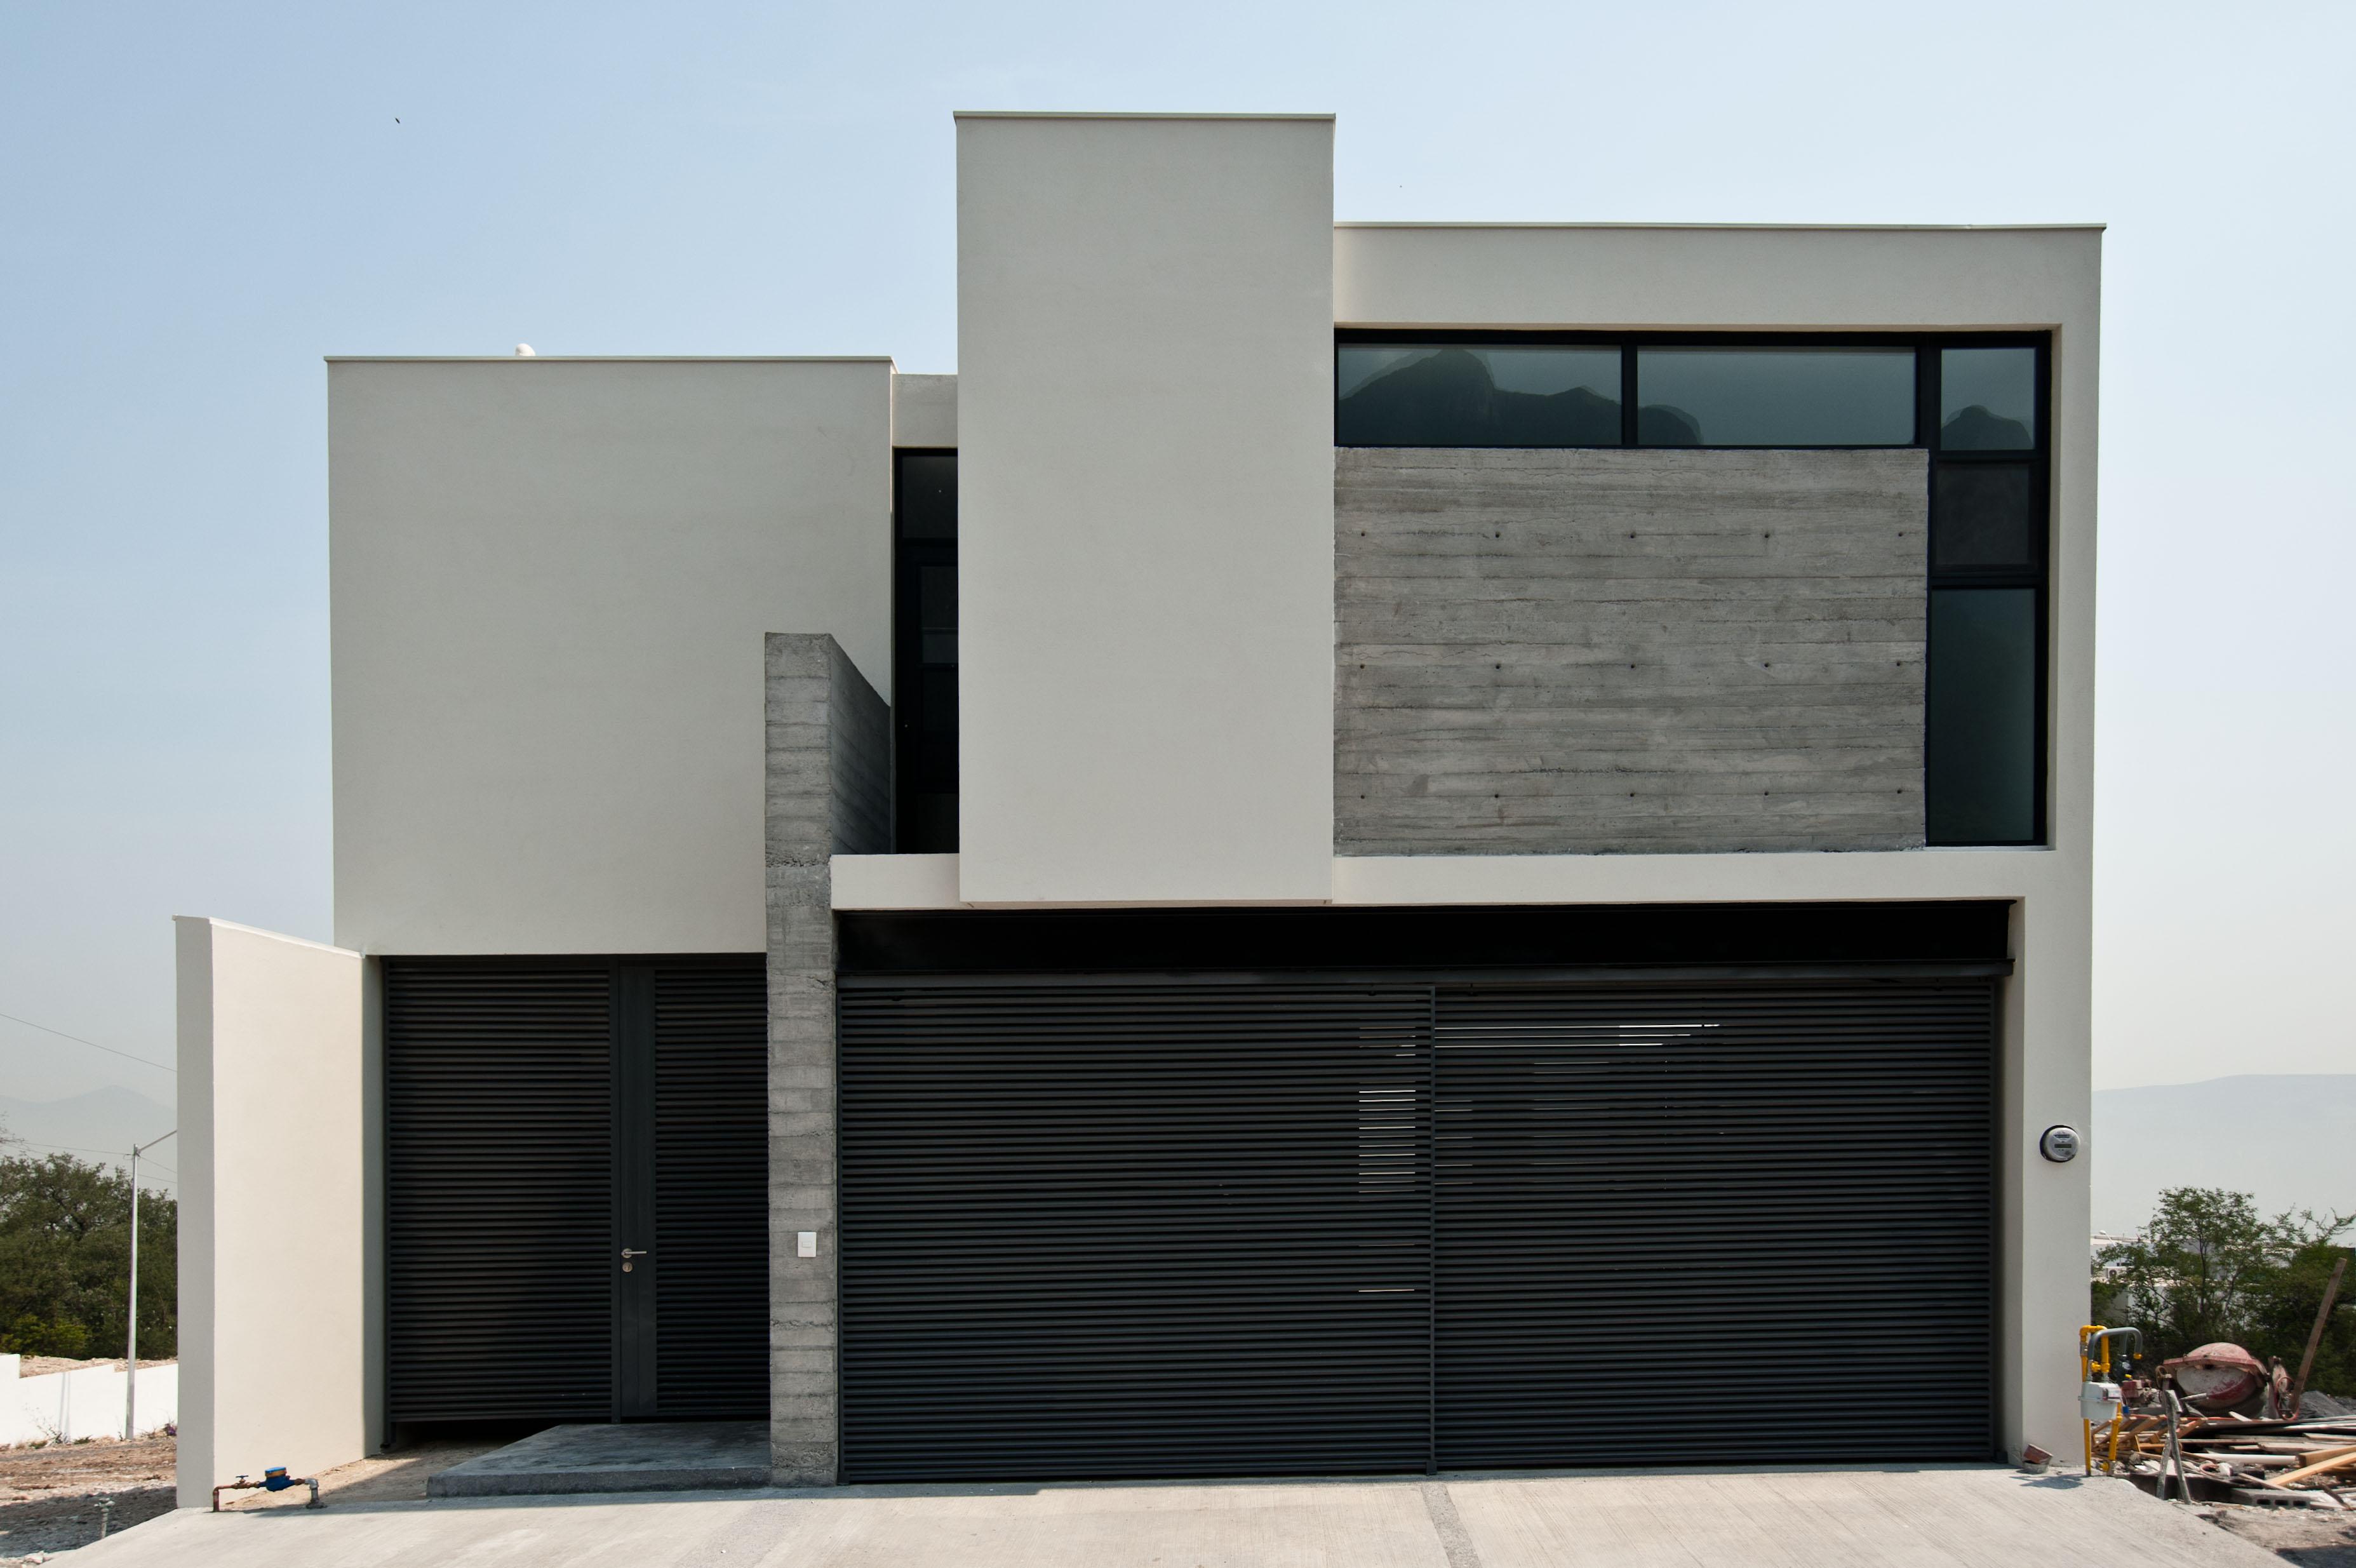 Edificaciones cien fachada de residencia estilo for Diseno de fachadas minimalistas